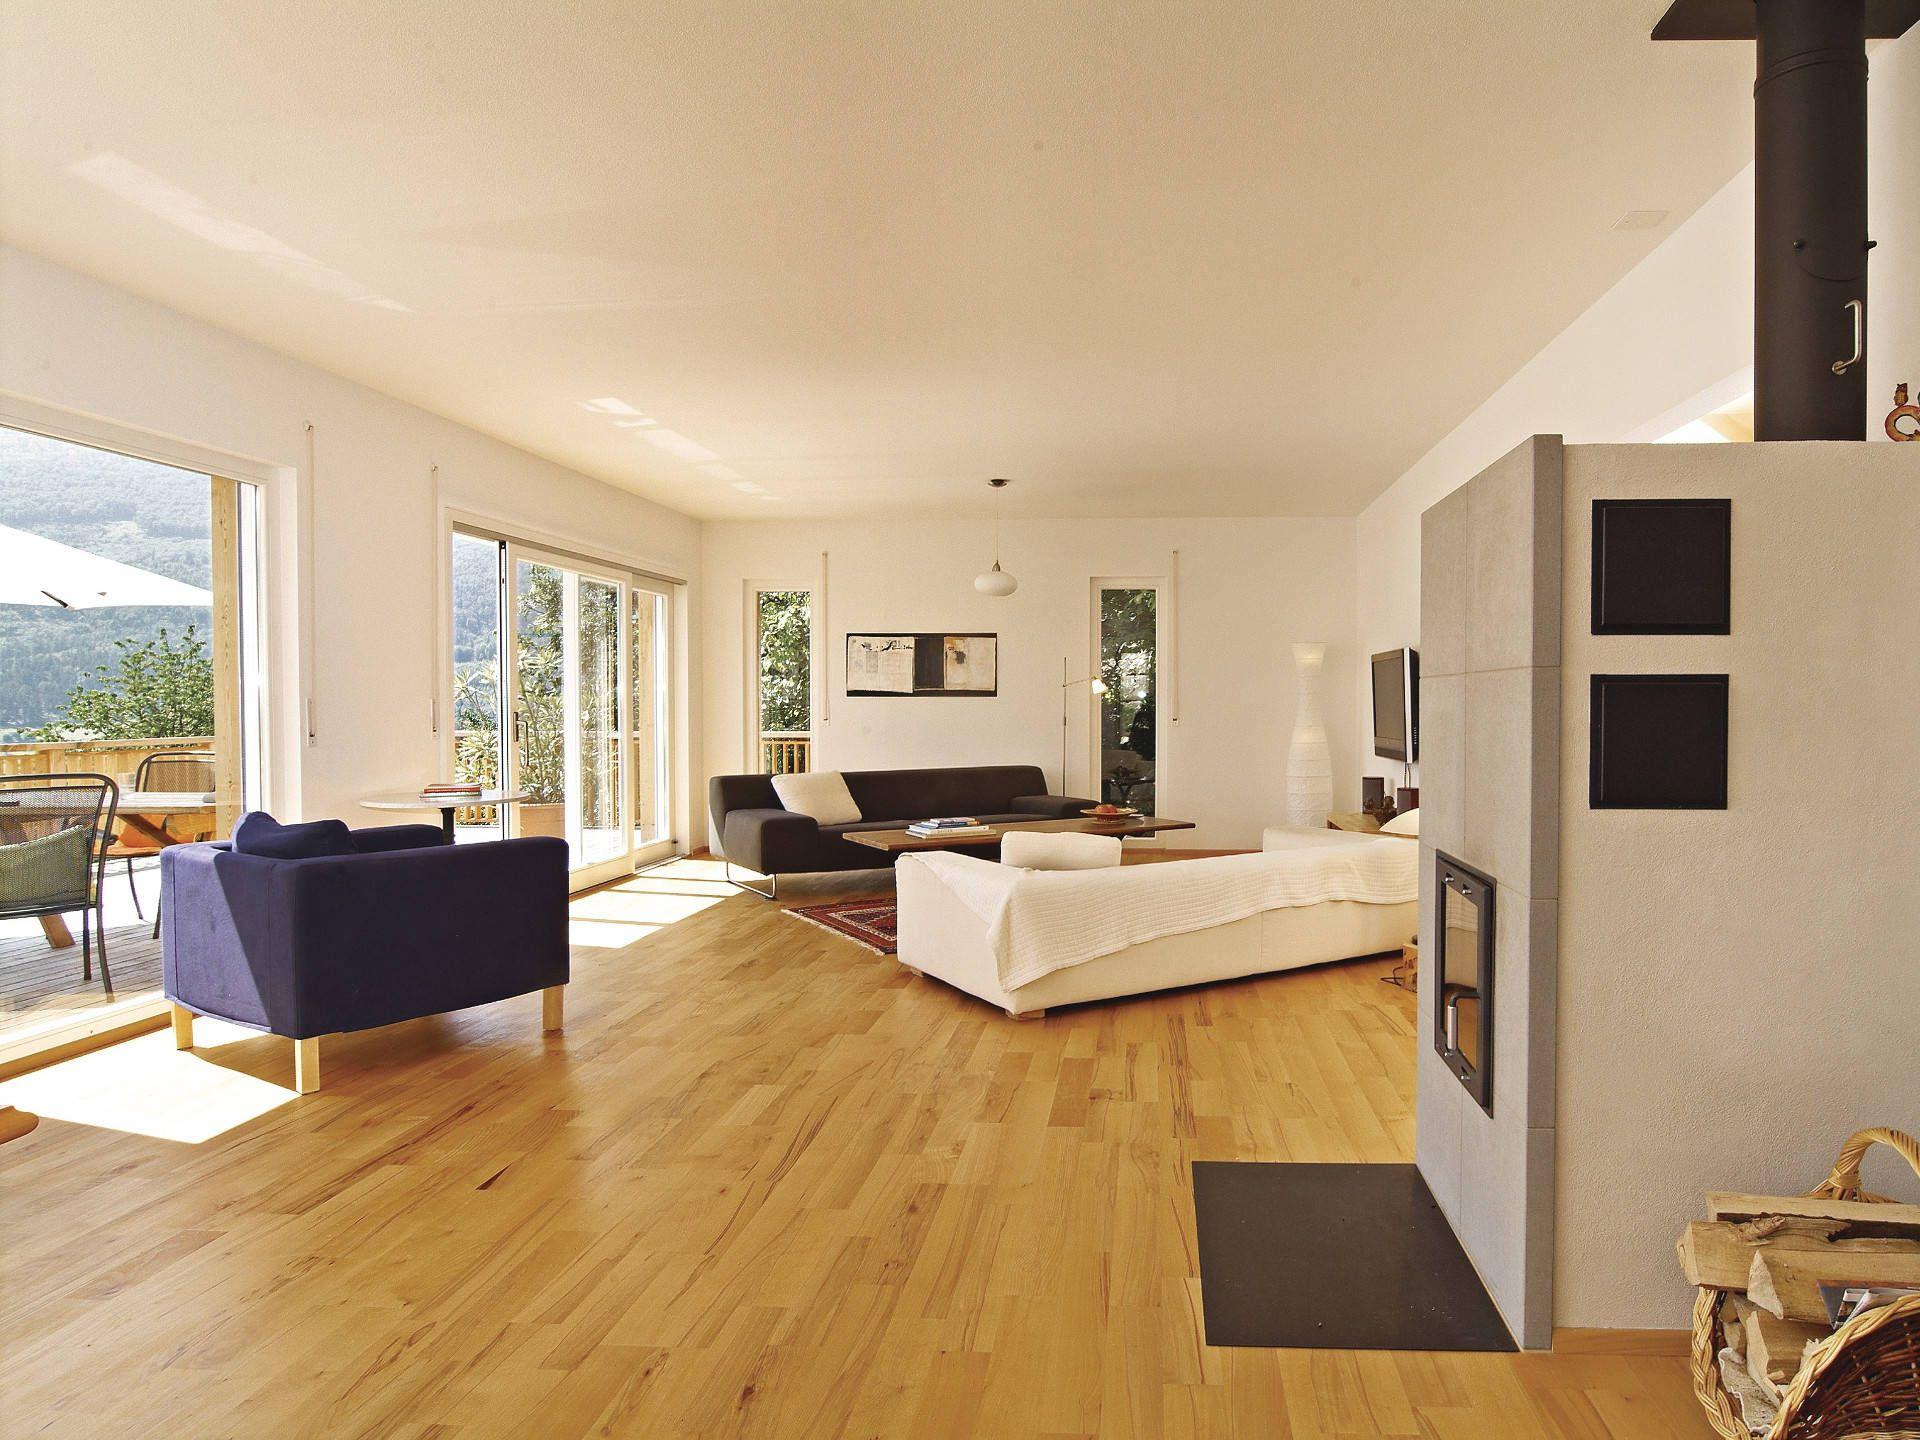 Musterhaus inneneinrichtung wohnzimmer  Kamin im Haus Balance 300 von WeberHaus • Mit Musterhaus.net ...